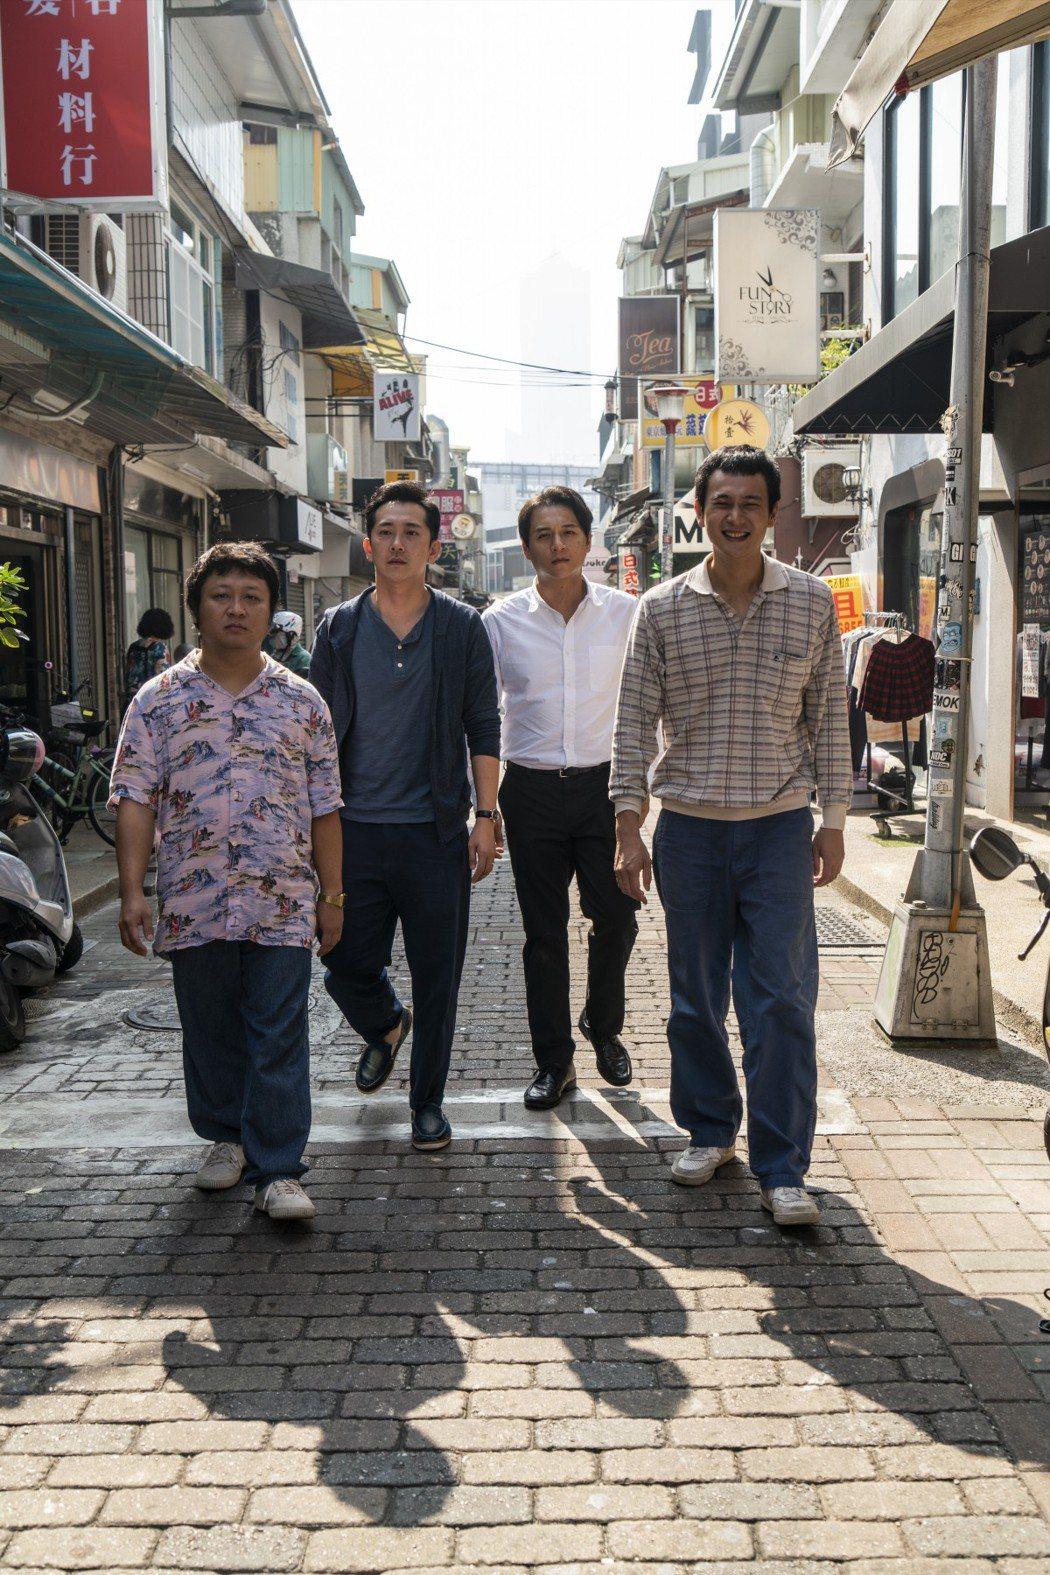 纳豆(左起)、施名帅、郑人硕以及刘冠廷在「同学麦娜丝」中齐聚飙戏。 图/甲上提供